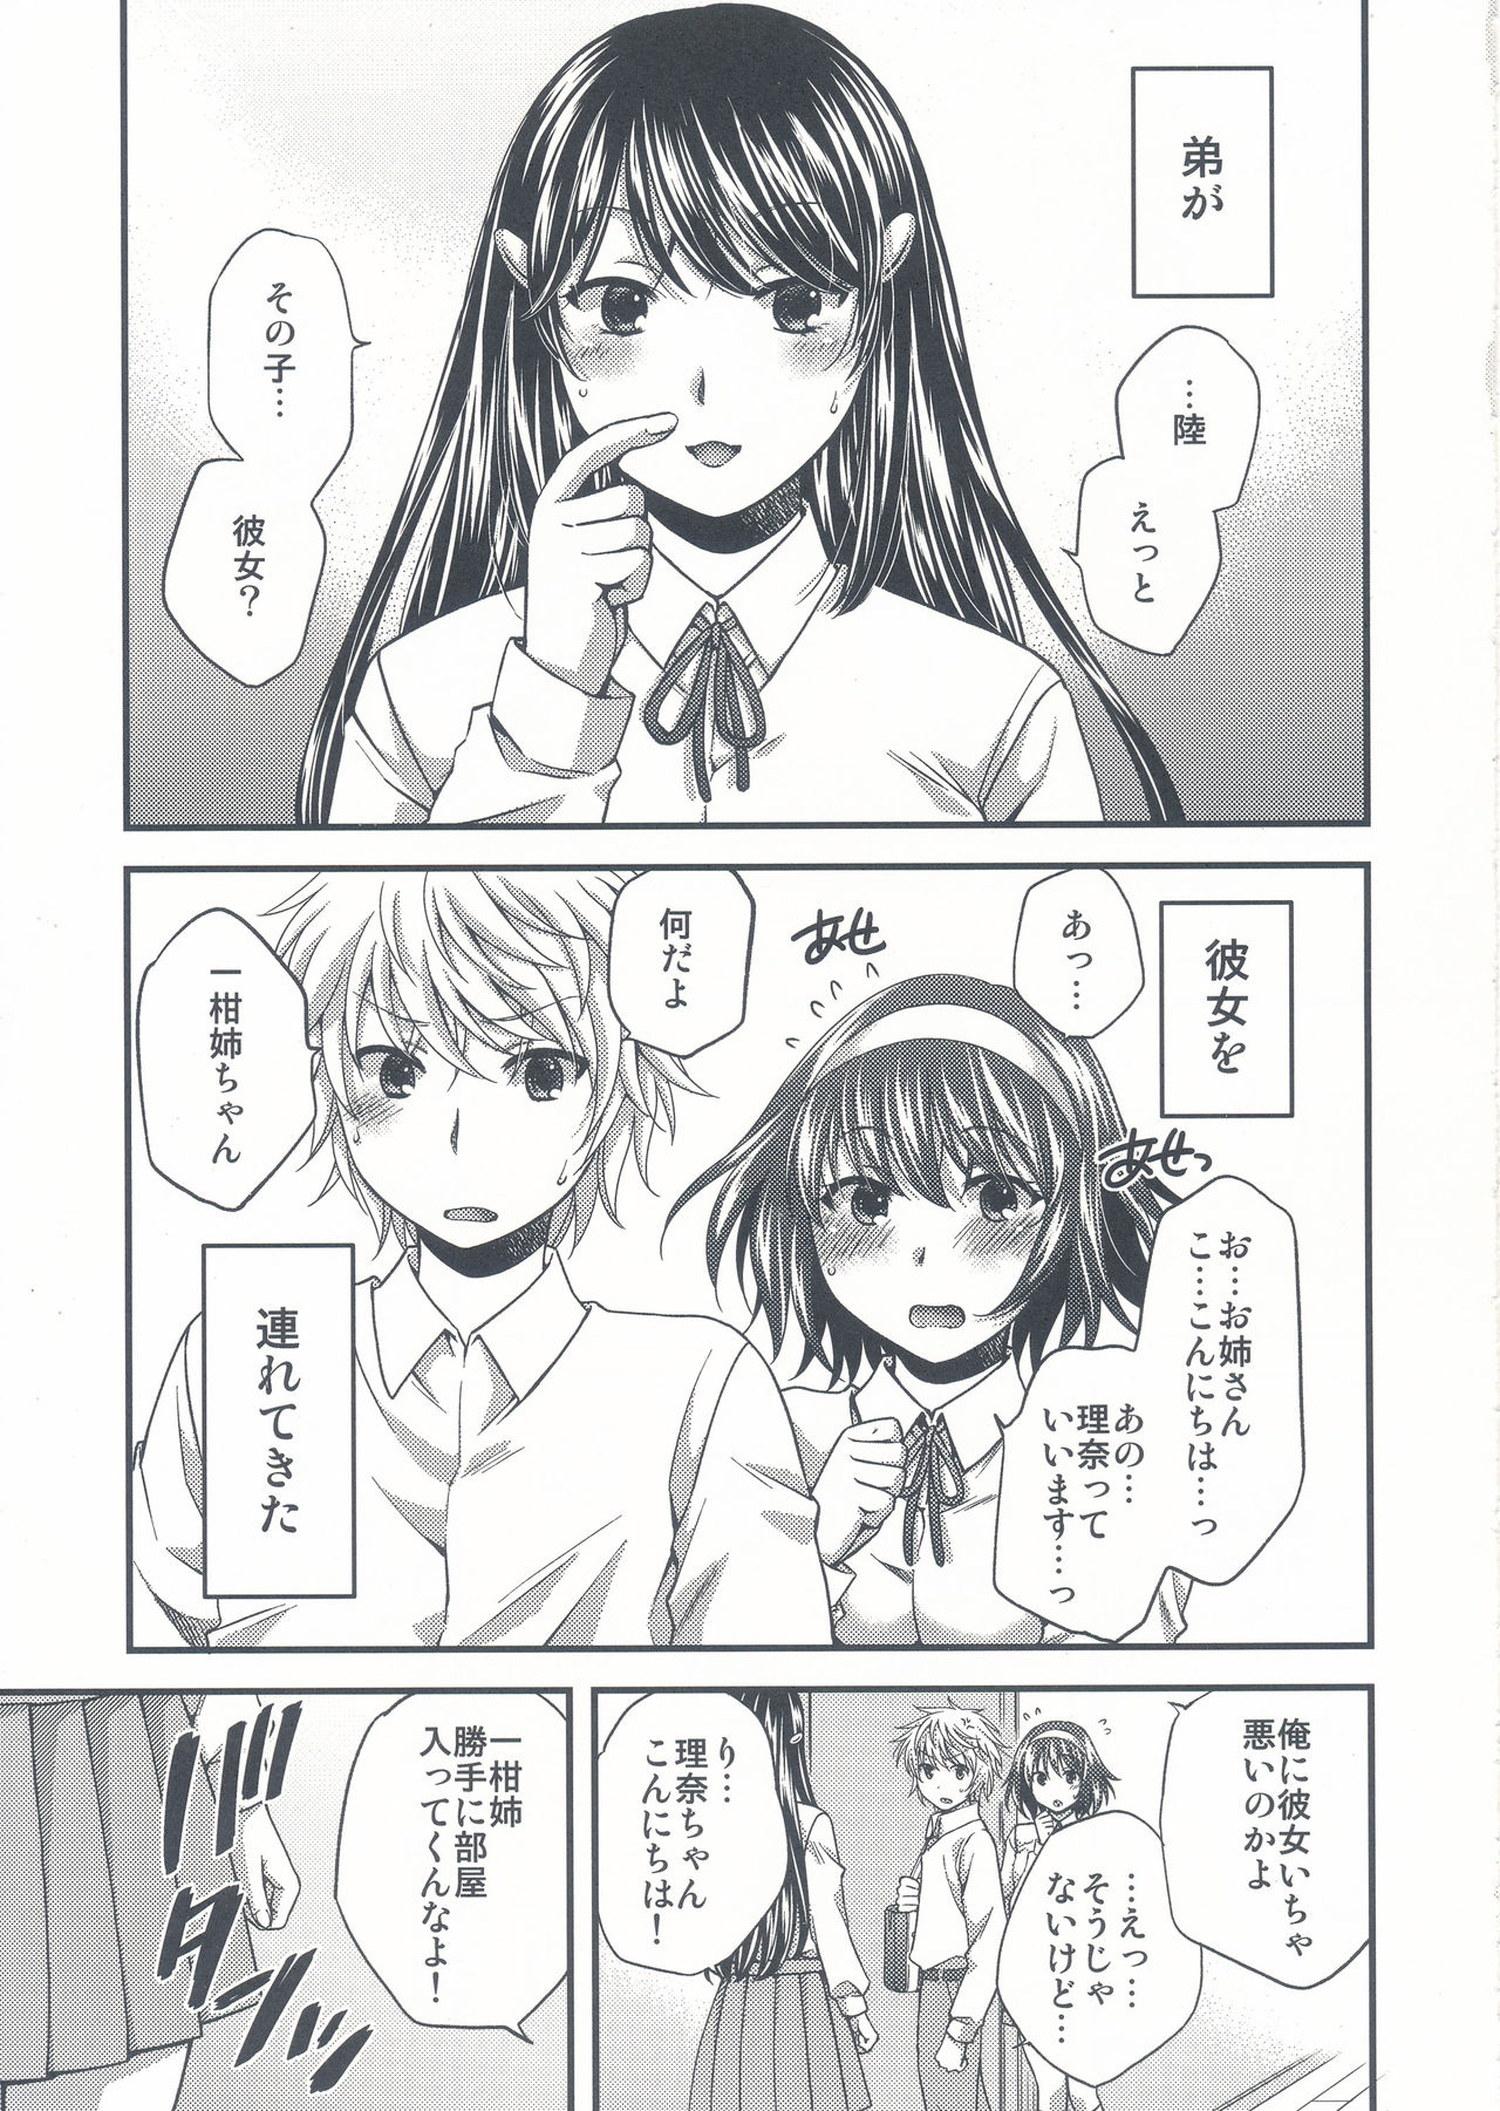 【エロ漫画】黒髪ロングの巨乳JKのお姉さんと、彼女の前で近親相姦セックスww【無料 エロ同人誌】 (3)